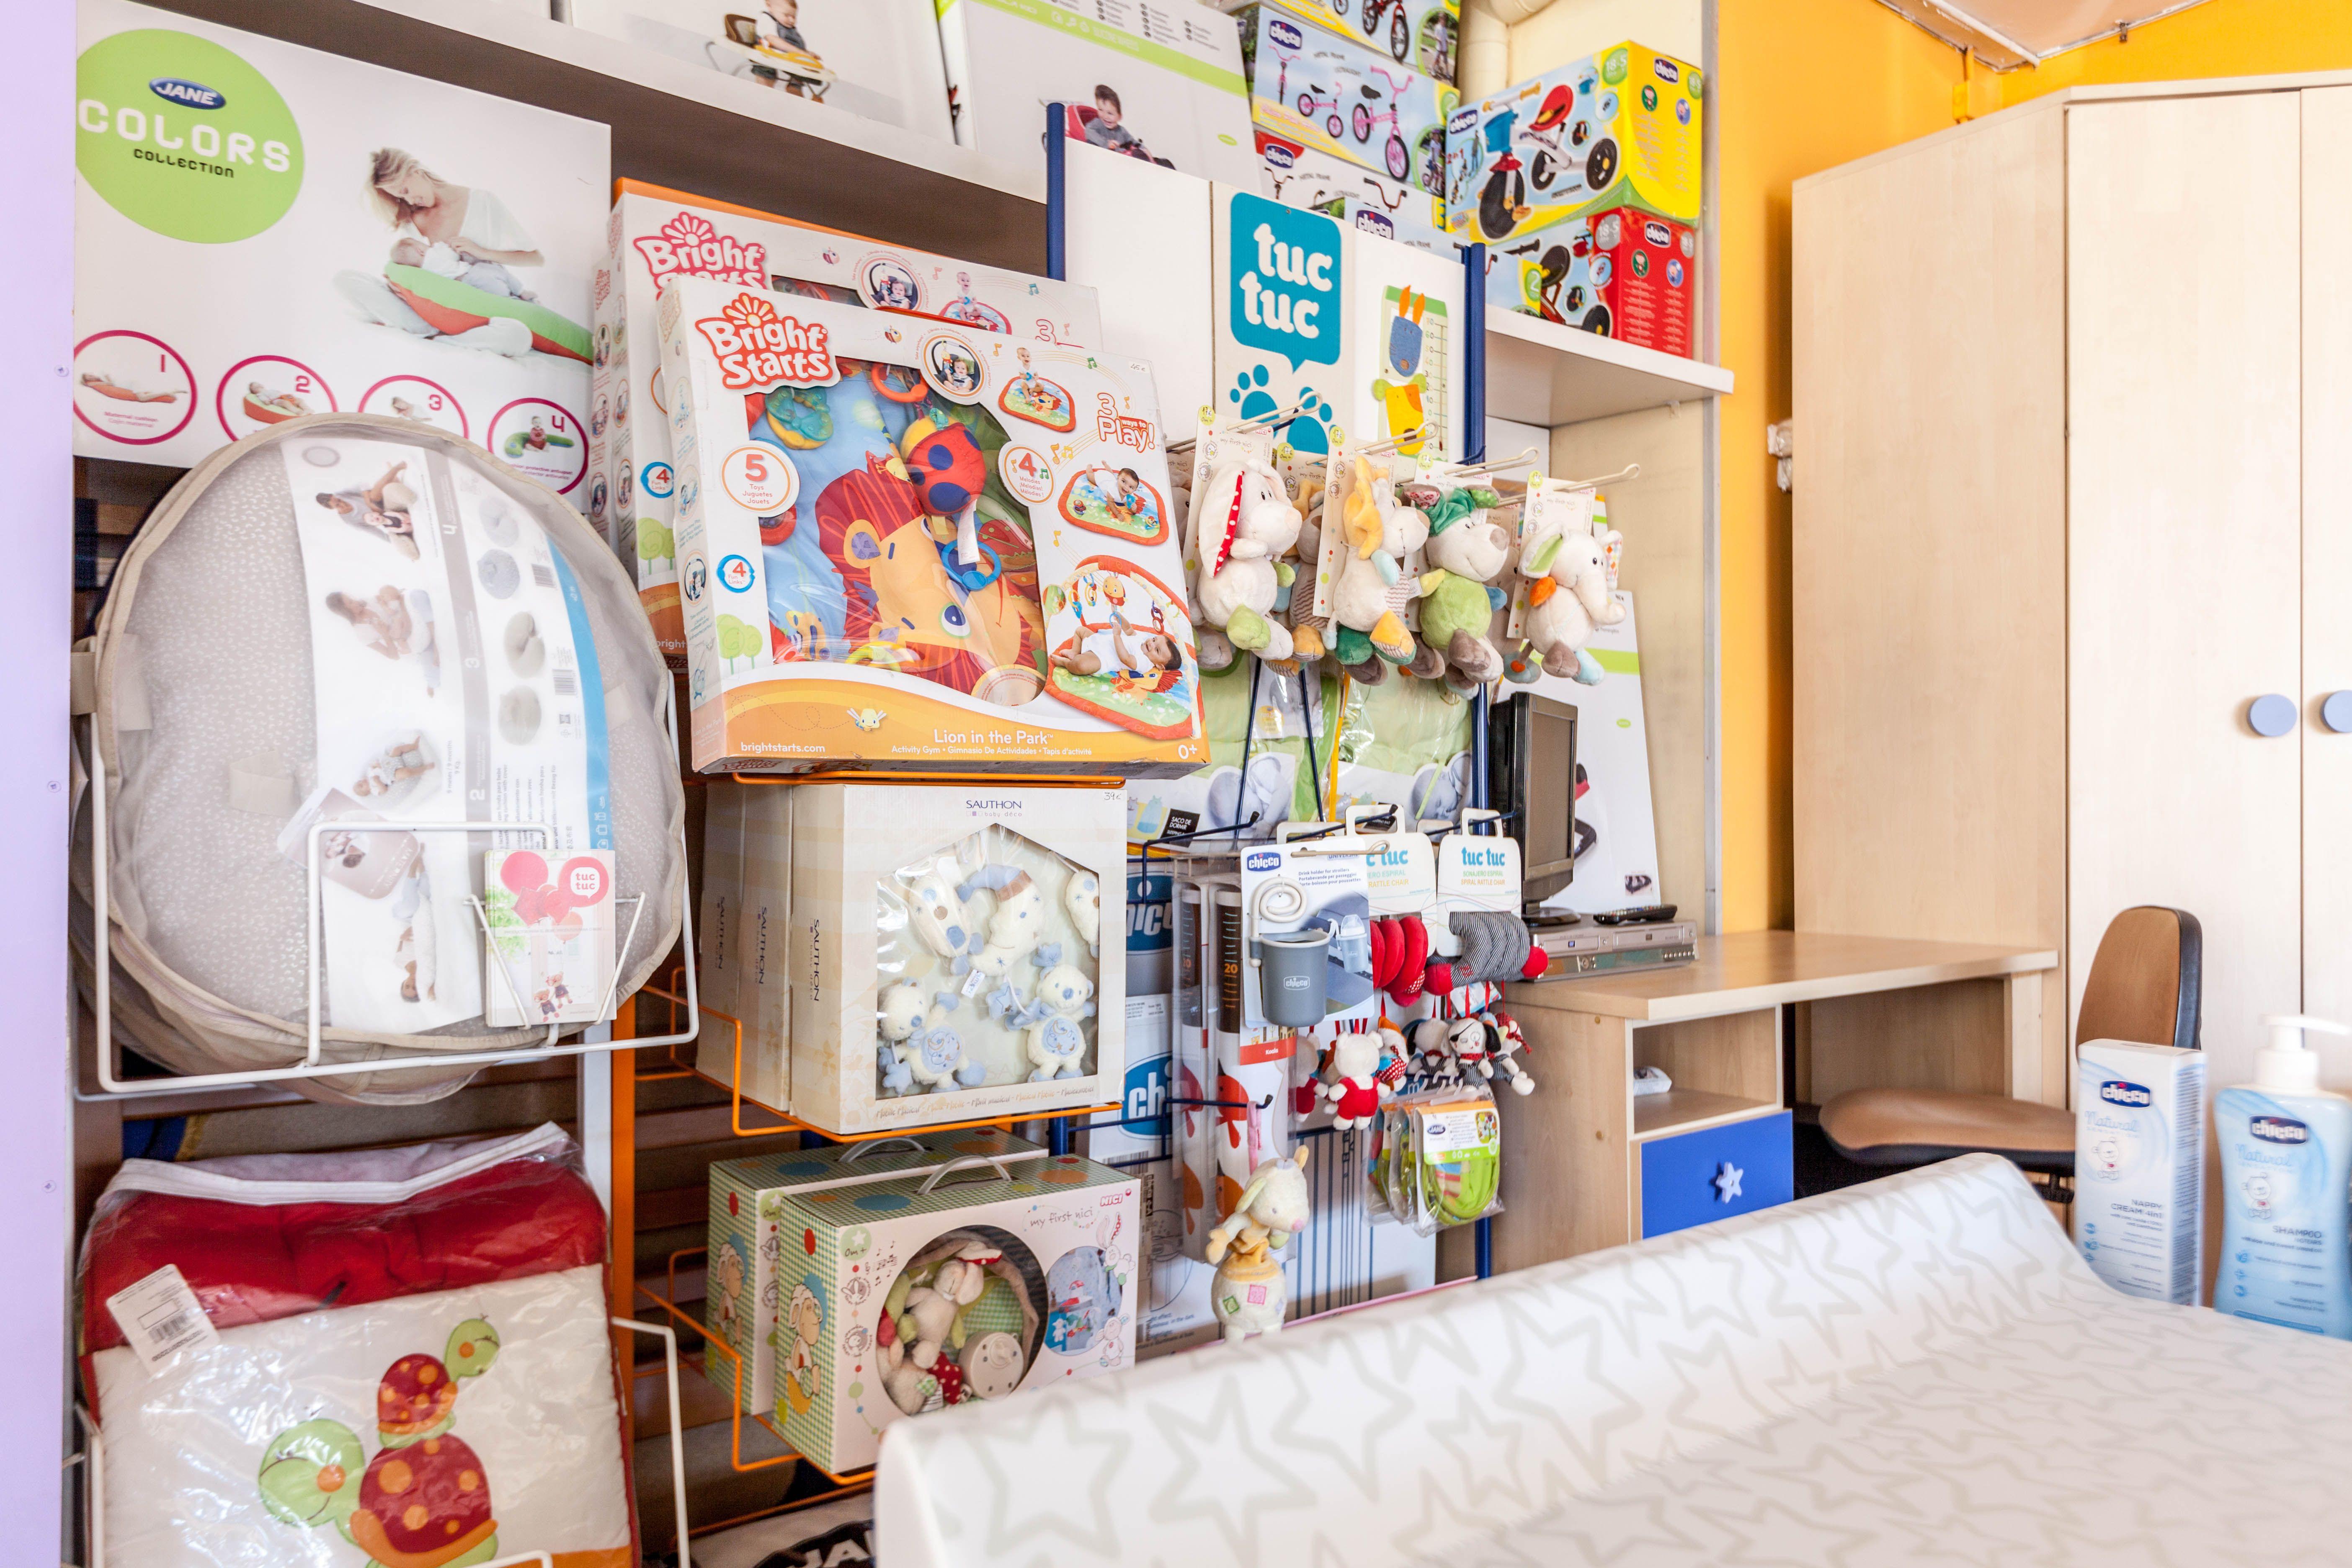 Foto 5 de Mobiliario infantil en L'Hospitalet de Llobregat | Materna|Productos para bebé con los precios más bajos